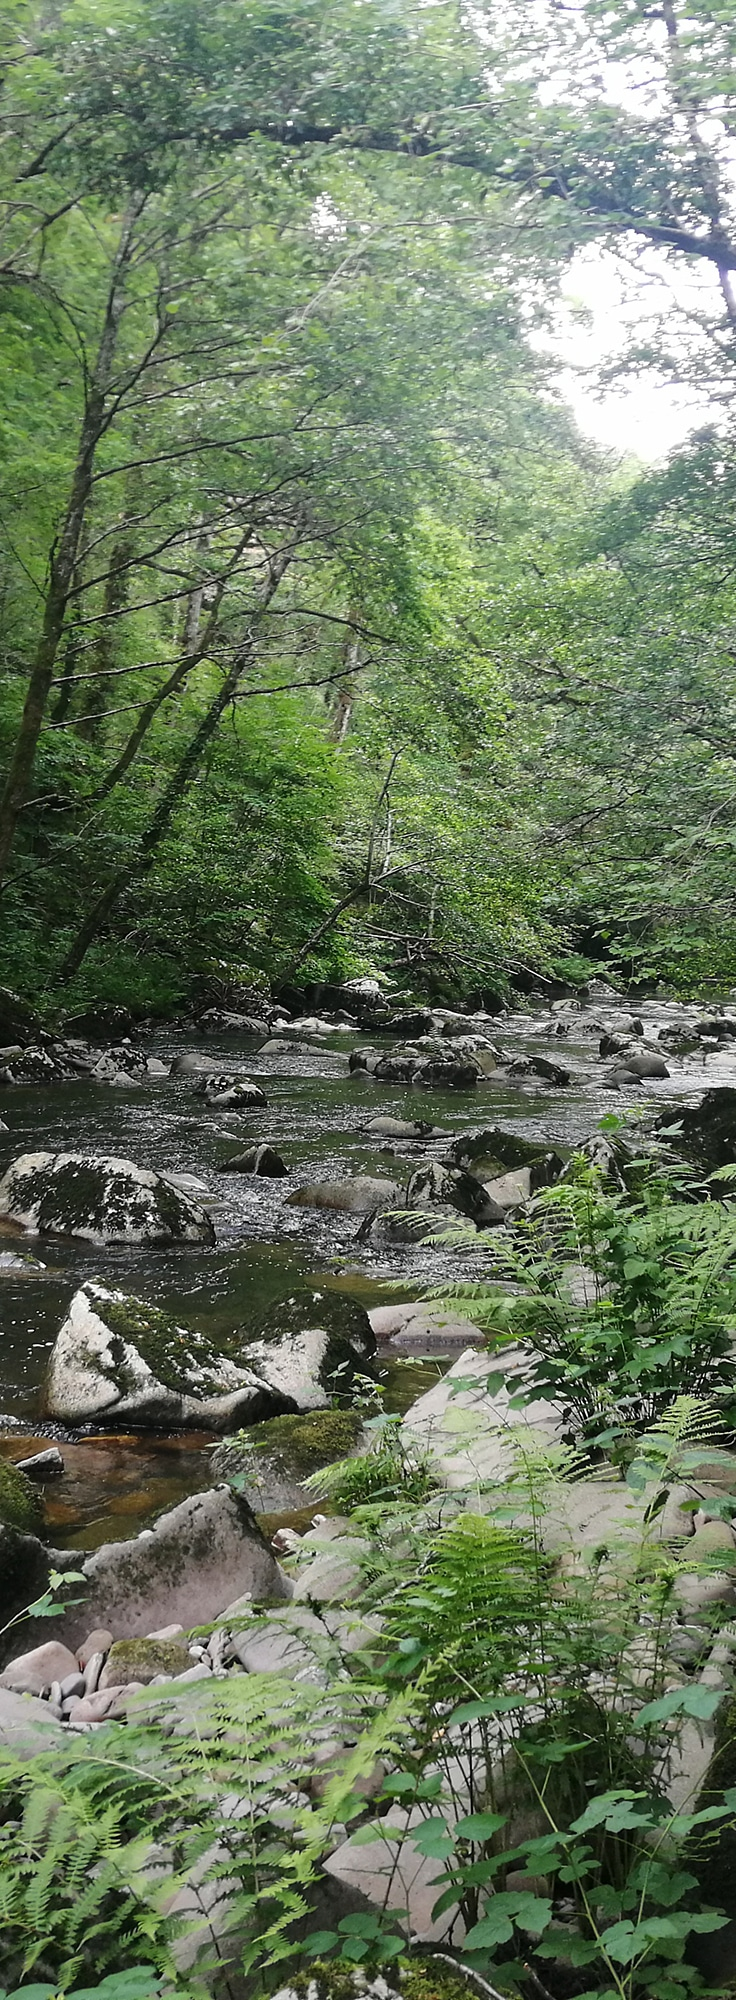 Parcours Saint-Hippolyte Trail d'Aqui est l'espace trail de la Communauté de Communes Comtal Lot Truyère. 21 parcours (Bessuéjouls, Bozouls, Campuac, Coubisou, Entraygues, Espalion, Espeyrac, Estaing, Gabriac, Golinhac, La Loubière, Lassouts, Le Cayrol, Le Fel, Le Nayrac, Montrozier, Rodelle, Saint-Côme-d'Olt, Saint-Hippolyte, Sébrazac, Villecomtal) et 2 parcours demi-kilomètre vertical permettent de découvrir plus de 500 kilomètres de chemins et monotraces.